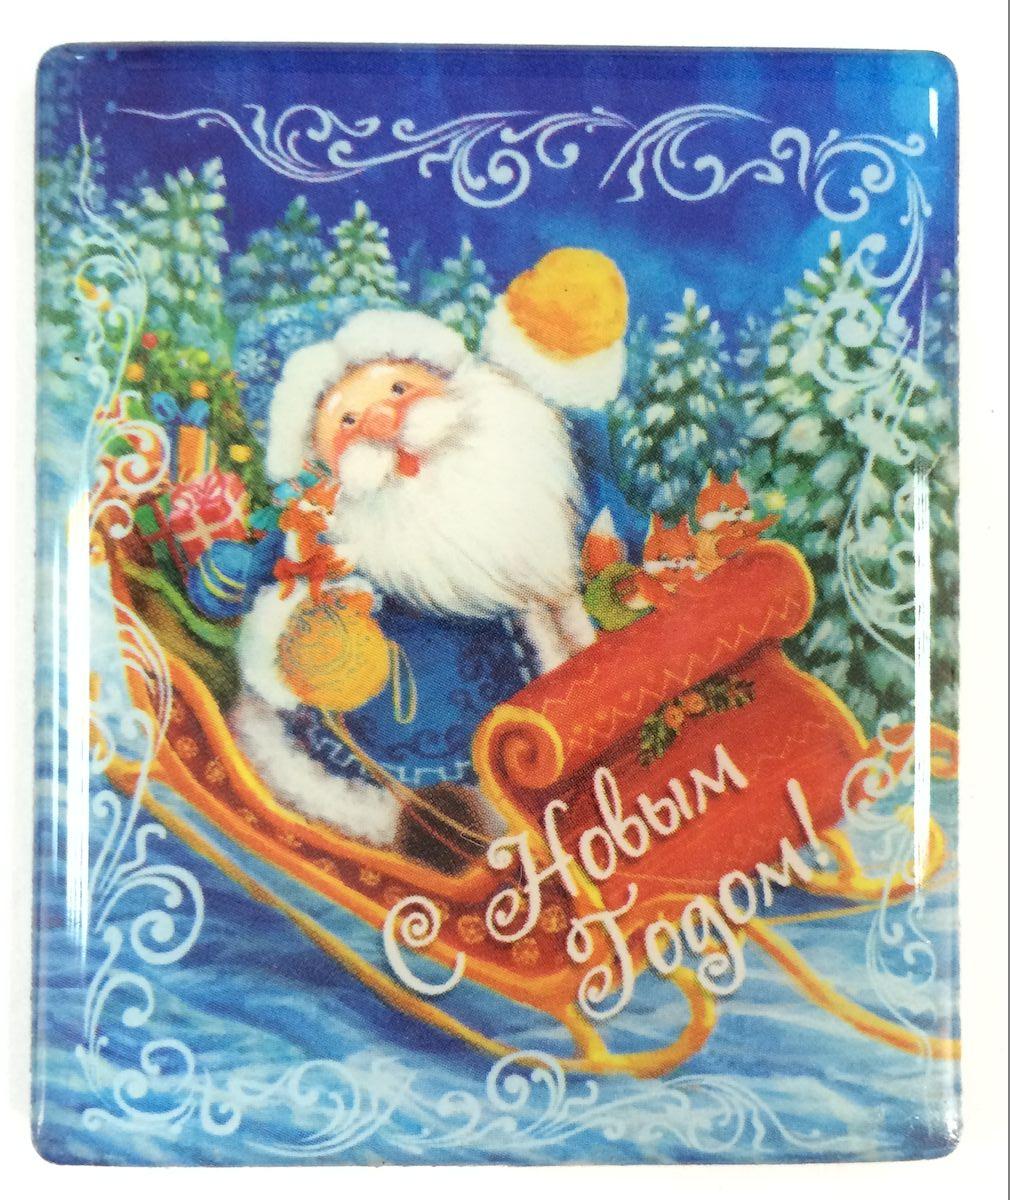 Магнит декоративный Magic Time Дед Мороз в санях, 6 х 5 см. 38375127846Магнит Magic Time Дед Мороз в санях, выполненный из агломерированного феррита, прекрасно подойдет в качестве сувенира к Новому году или станет приятным презентом в обычный день. Магнит - одно из самых простых, недорогих и при этом оригинальных украшений интерьера. Он поможет вам украсить не только холодильник, но и любую другую магнитную поверхность.Материал: агломерированный феррит.